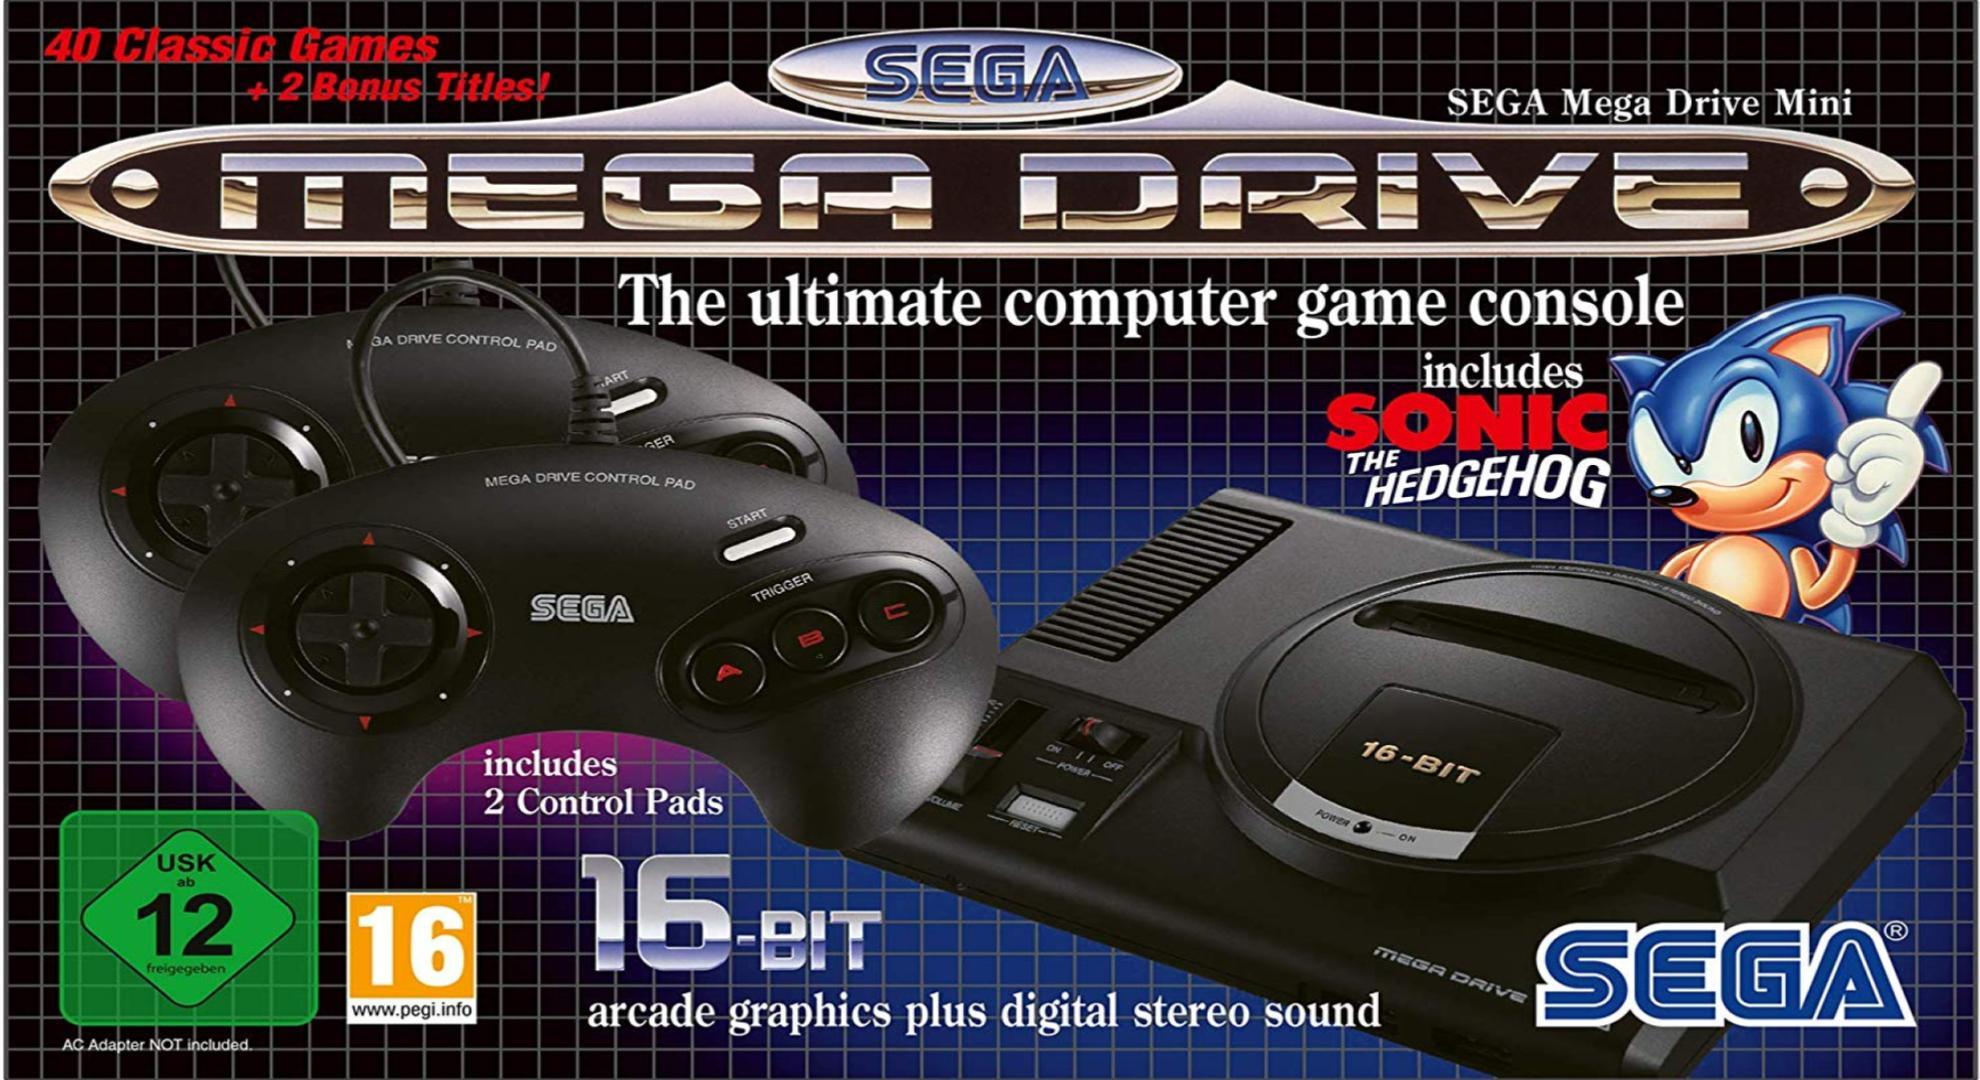 Revivez vos meilleurs souvenirs 16-Bit avec la SEGA Mega Drive Mini à 59 euros (au lieu de 79)